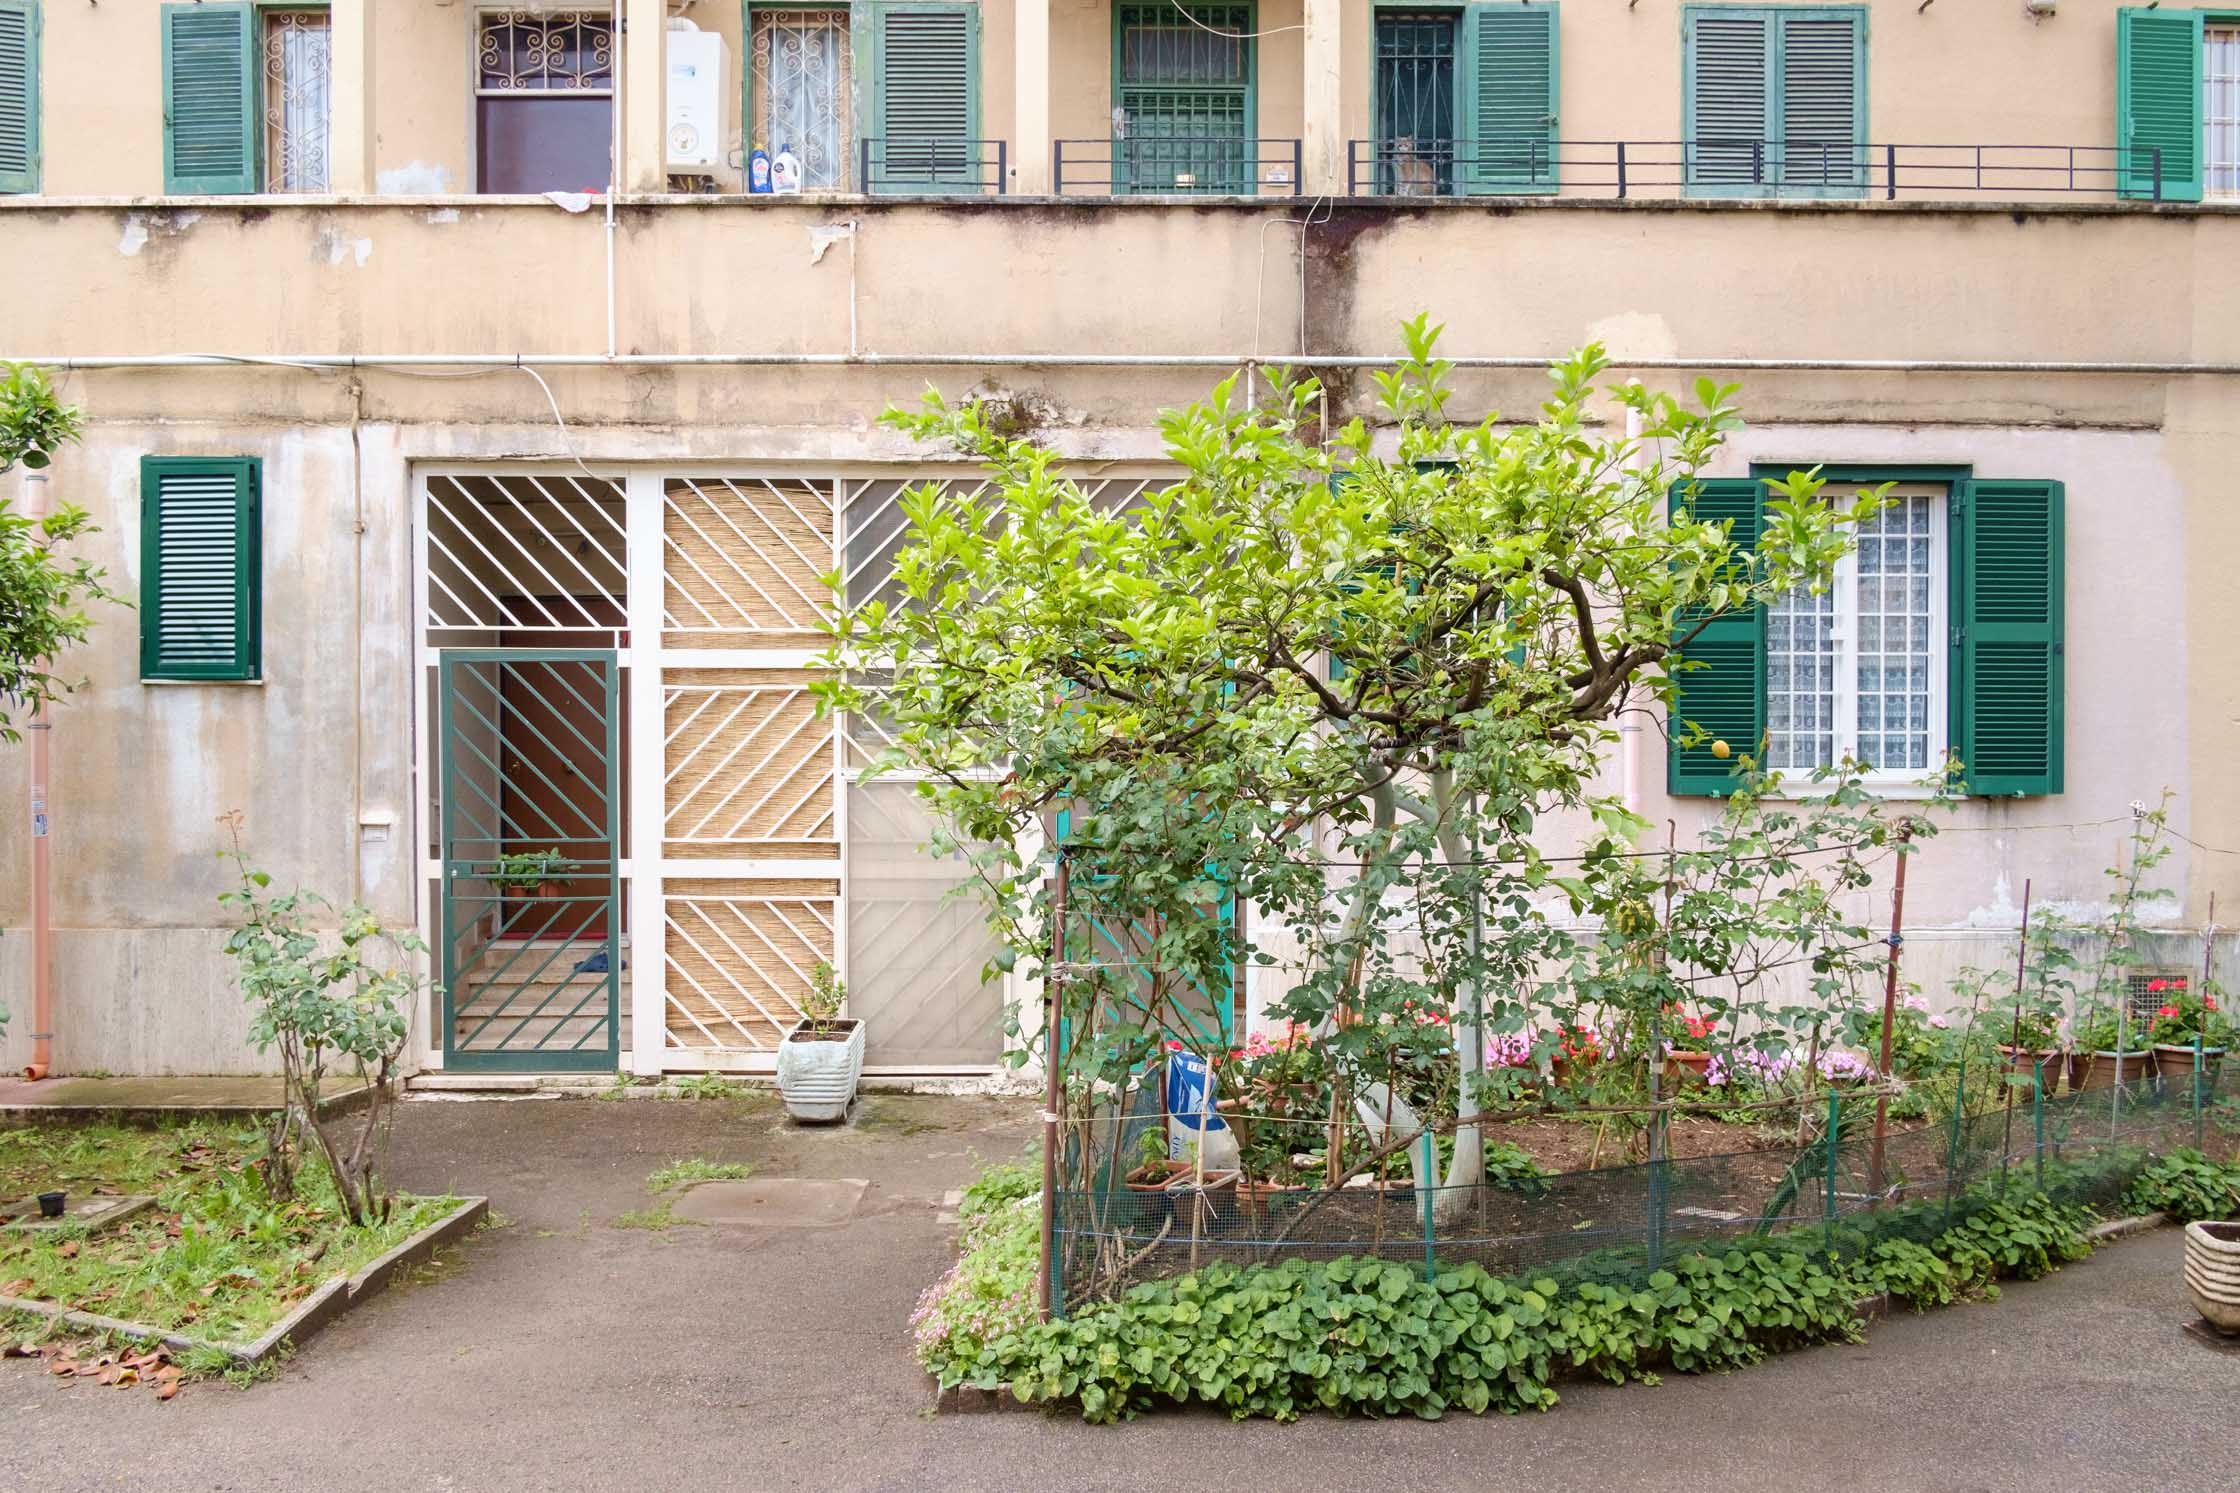 010_Pubblico Privato-Gabriele_Lungarella-_GAB5829.jpg